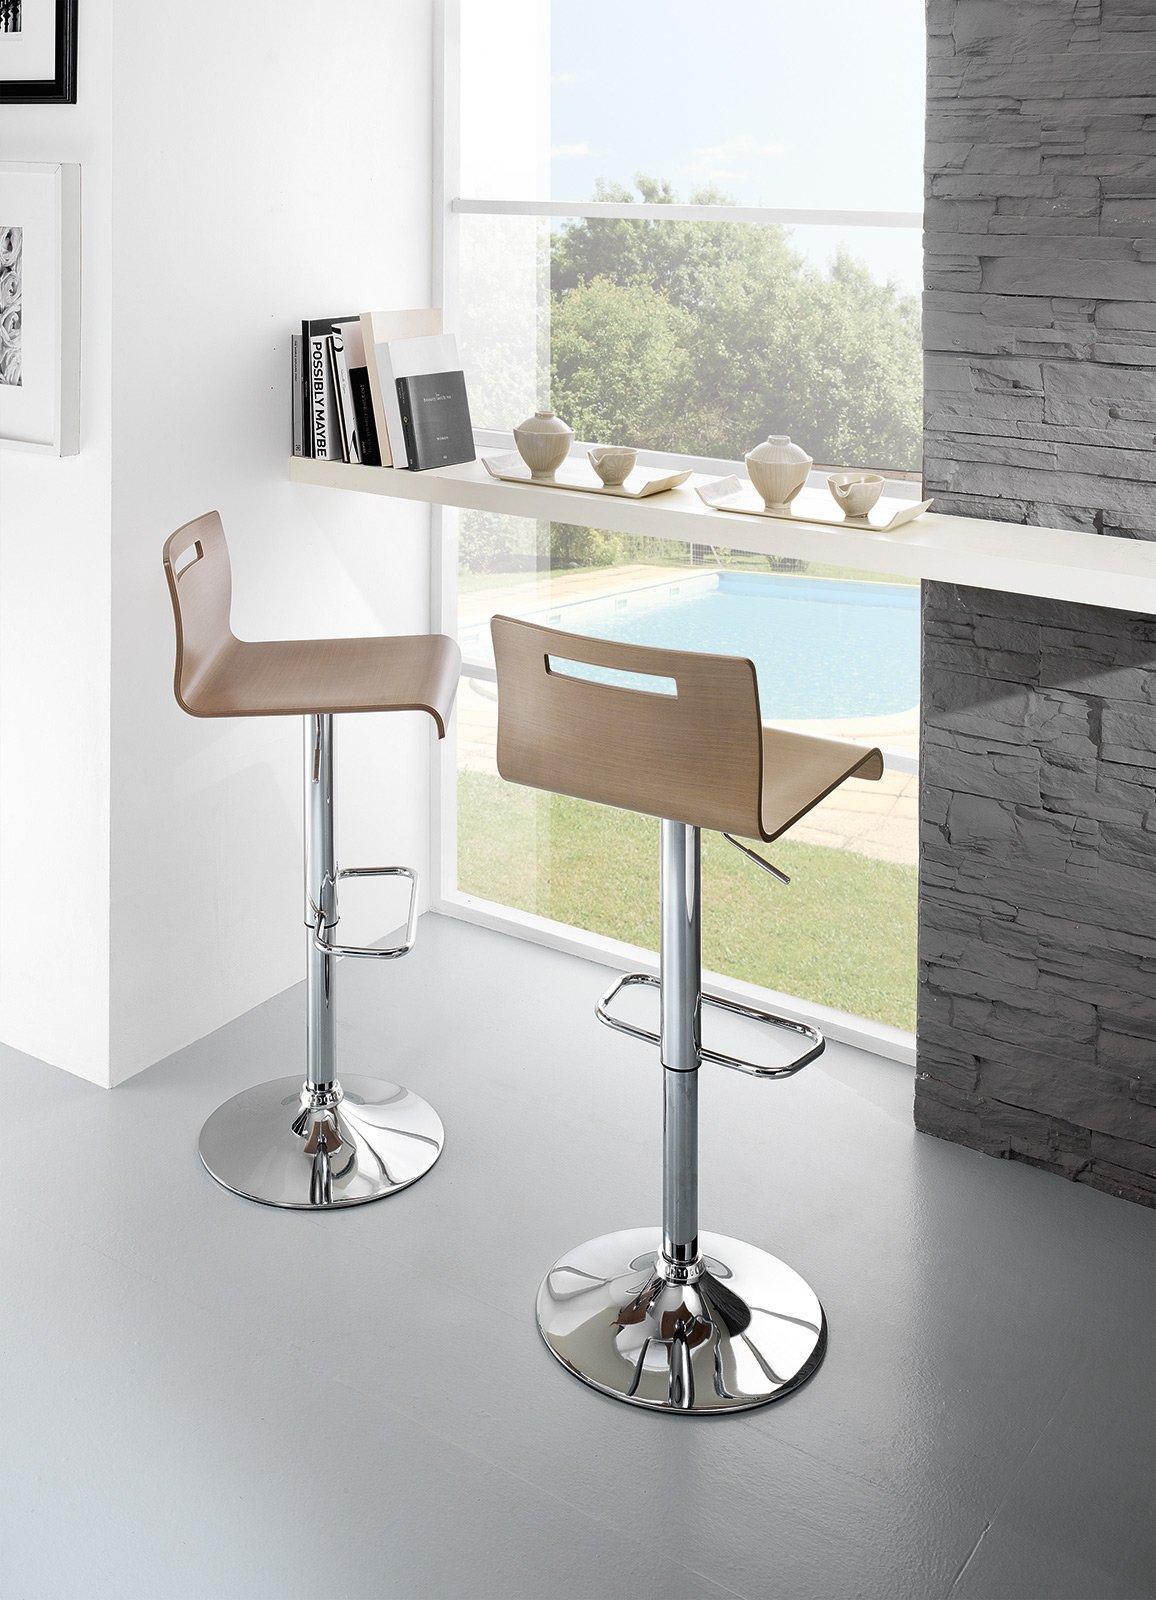 sgabelli. scegli il tuo stile - cose di casa - Sgabelli Da Cucina Ikea